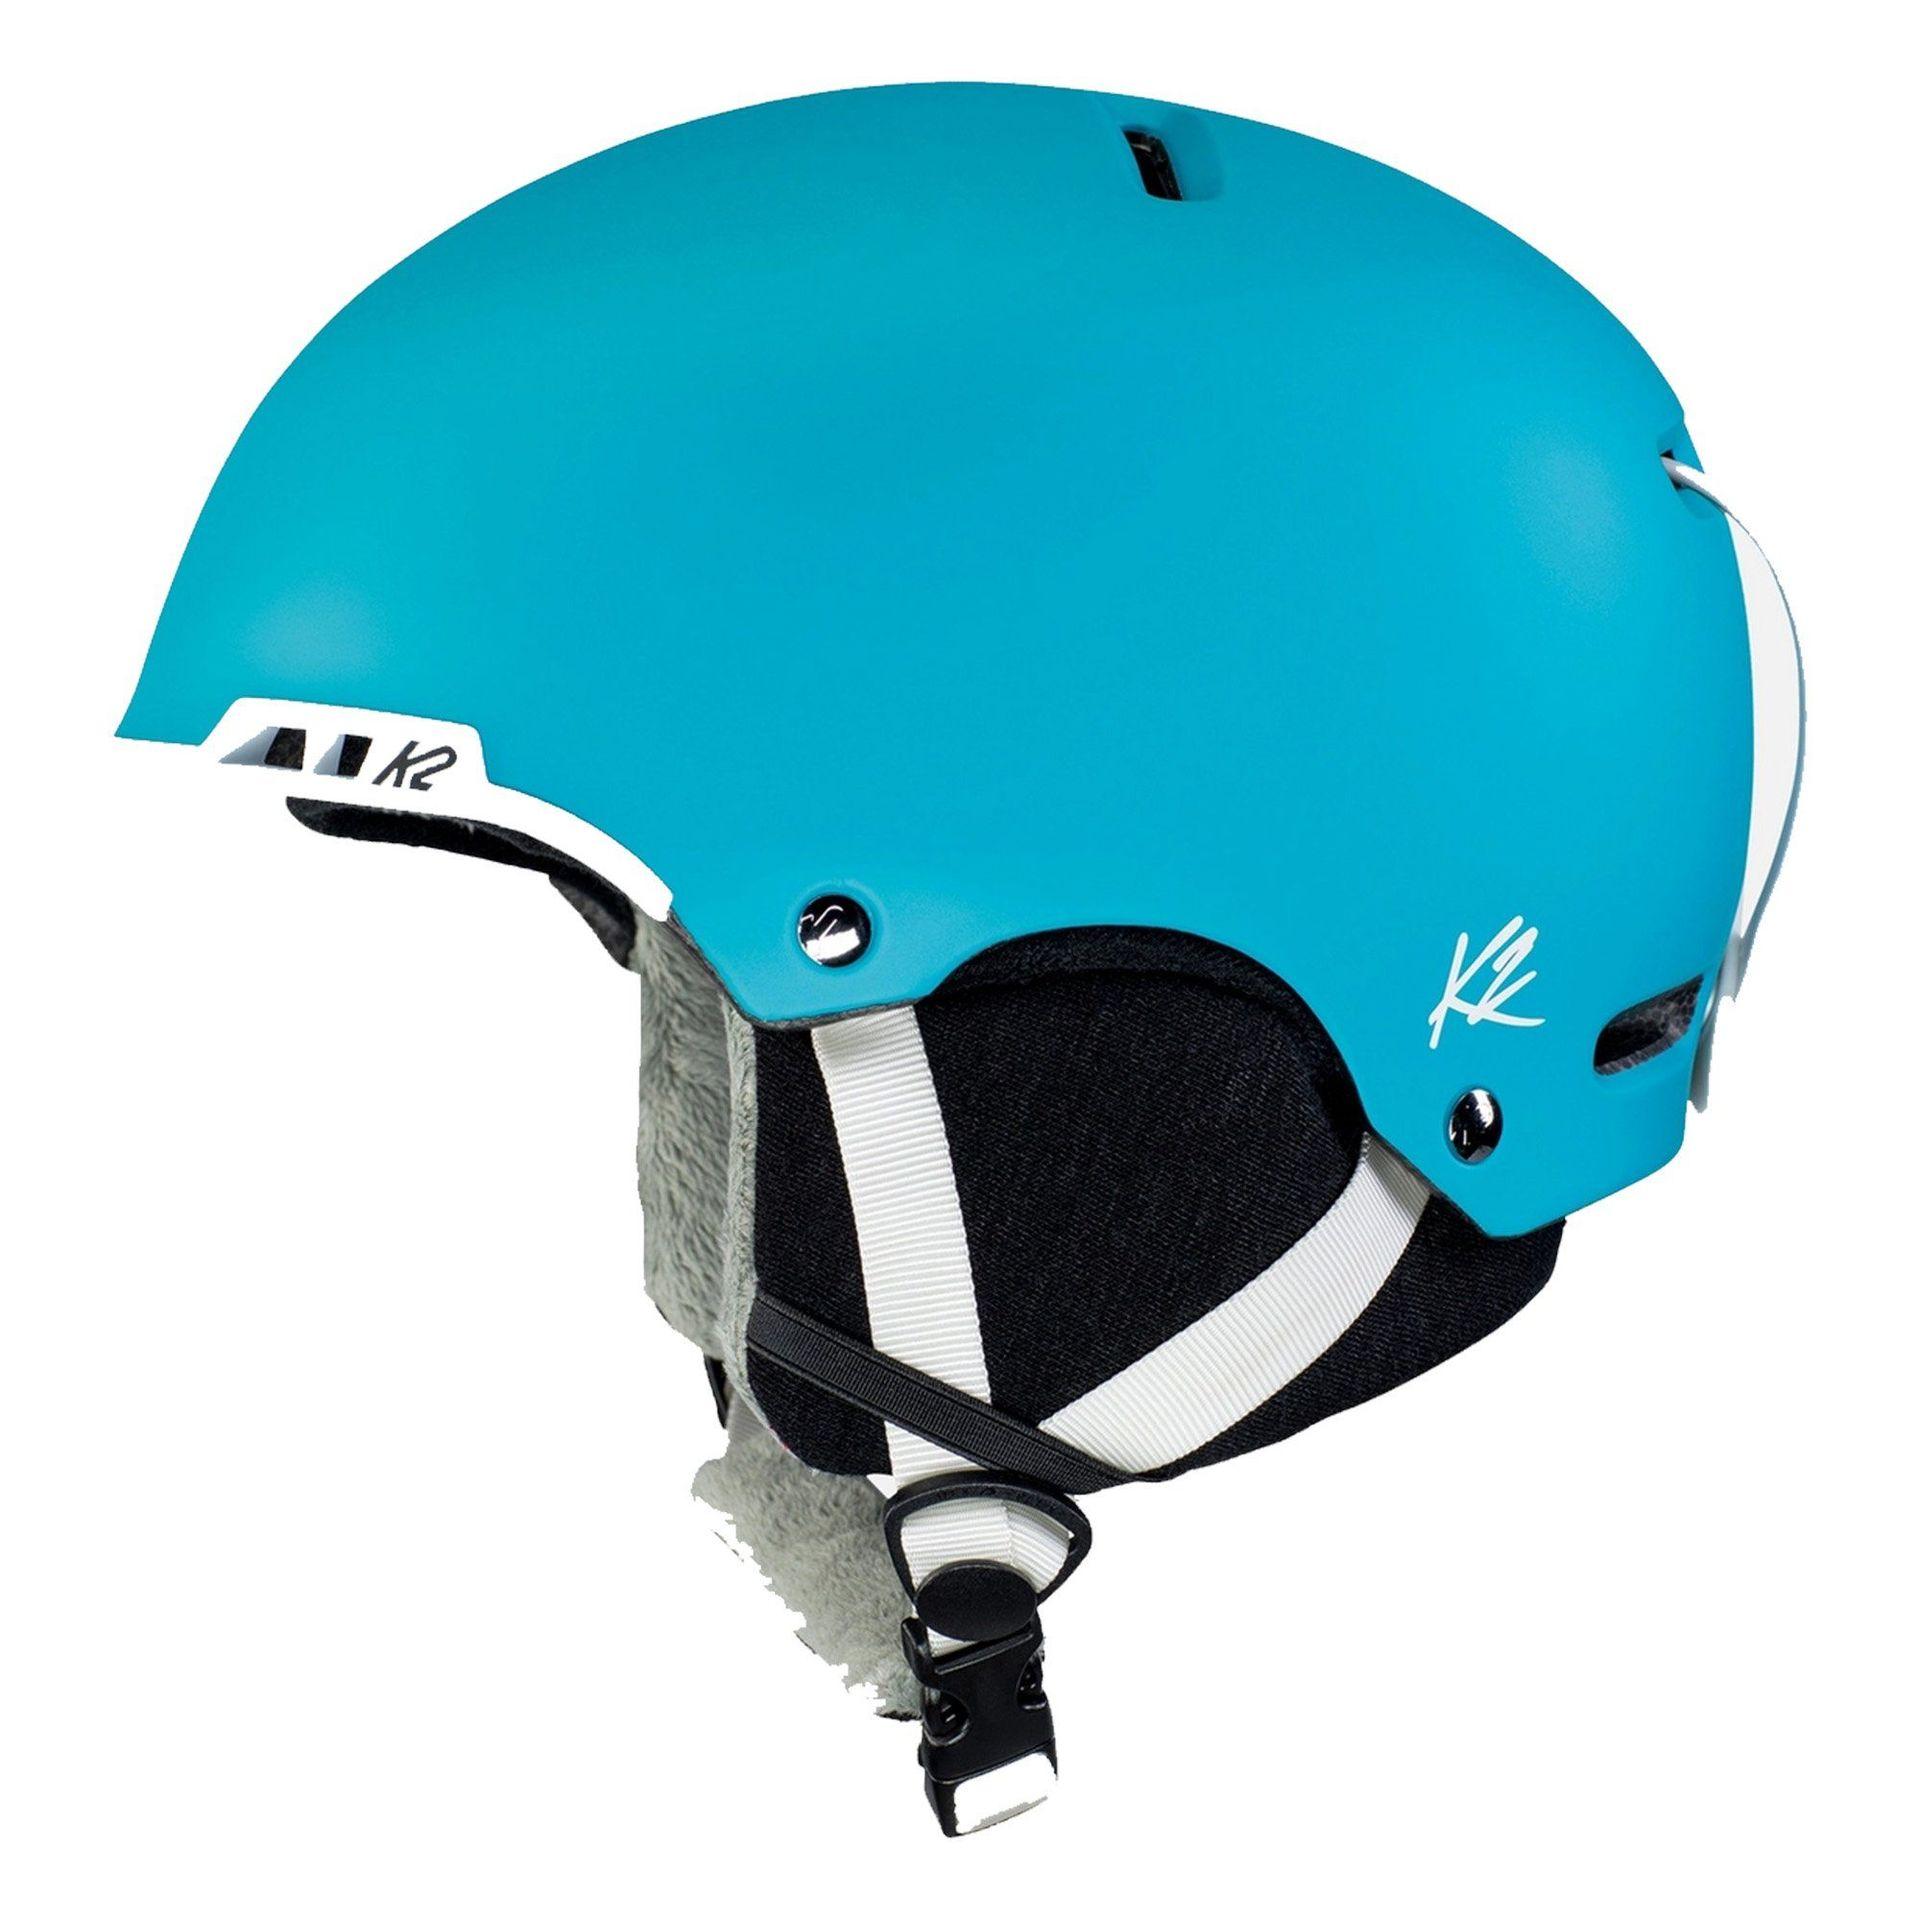 KASK K2 MERIDIAN 10D4007-41 TEAL